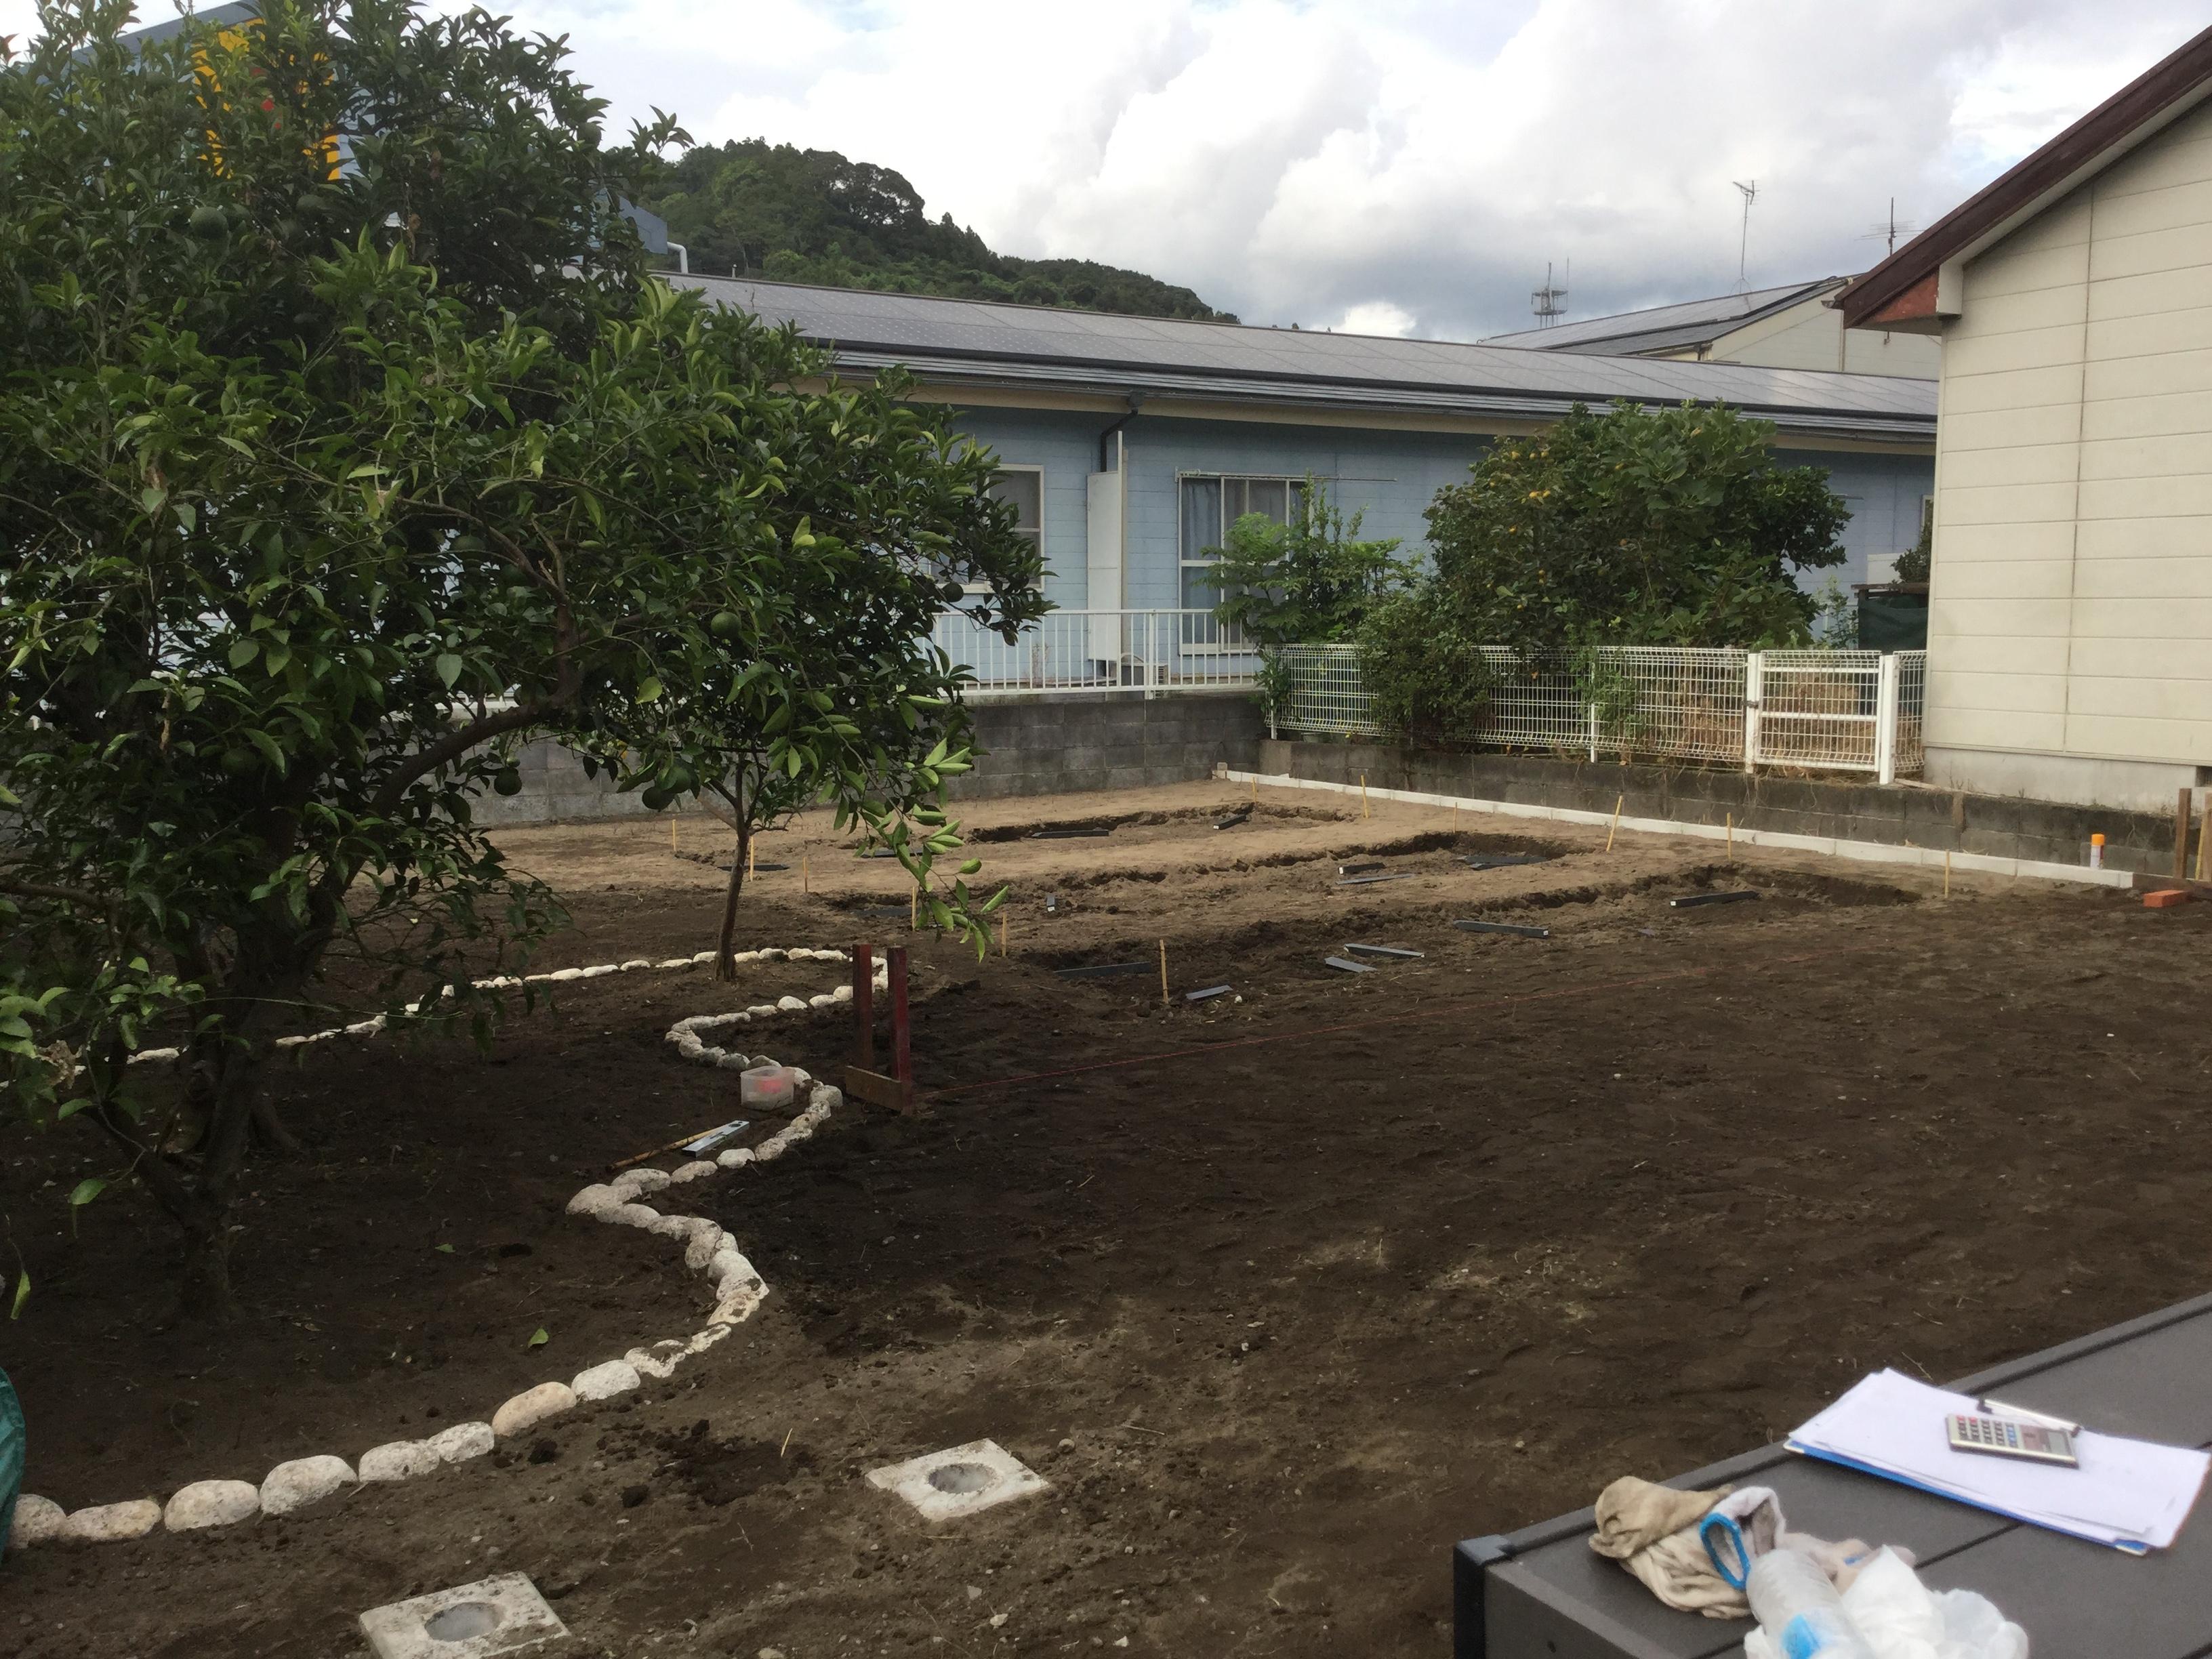 既存の樹木を玉石で囲い庭にアクセントをつけます。